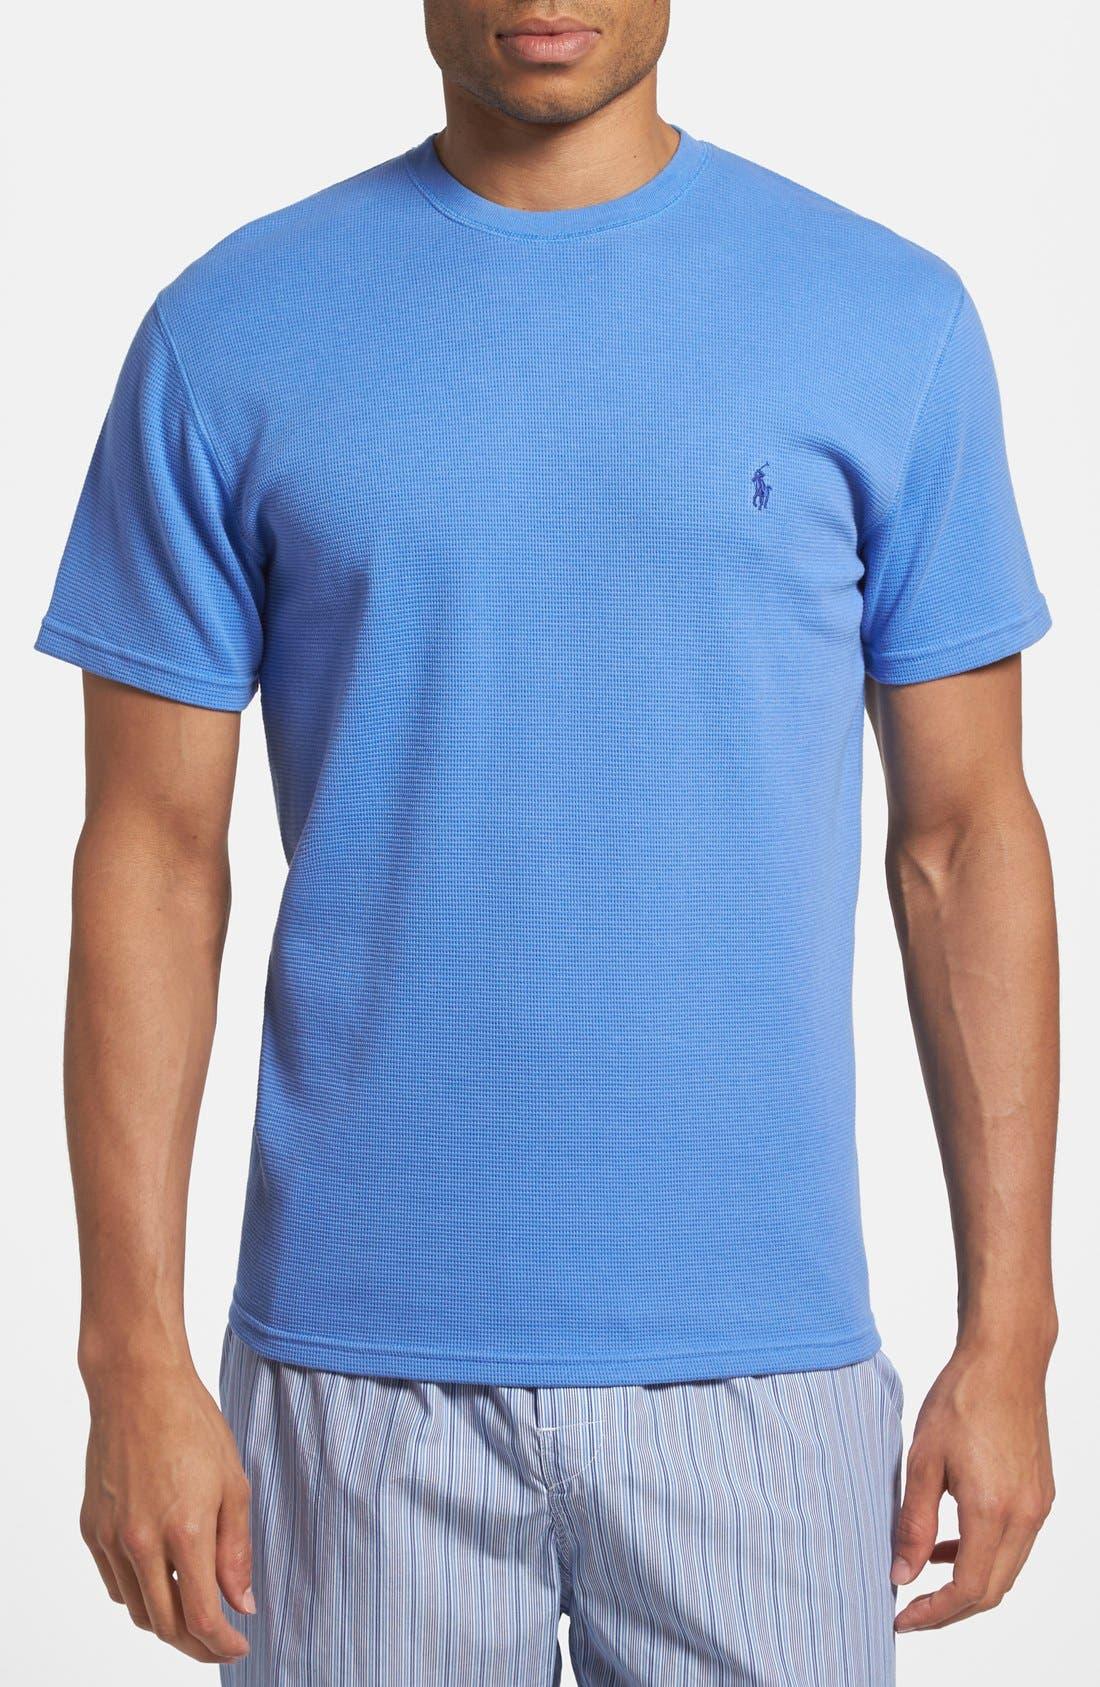 Short Sleeve t-Shirt for Men Ralph Lauren